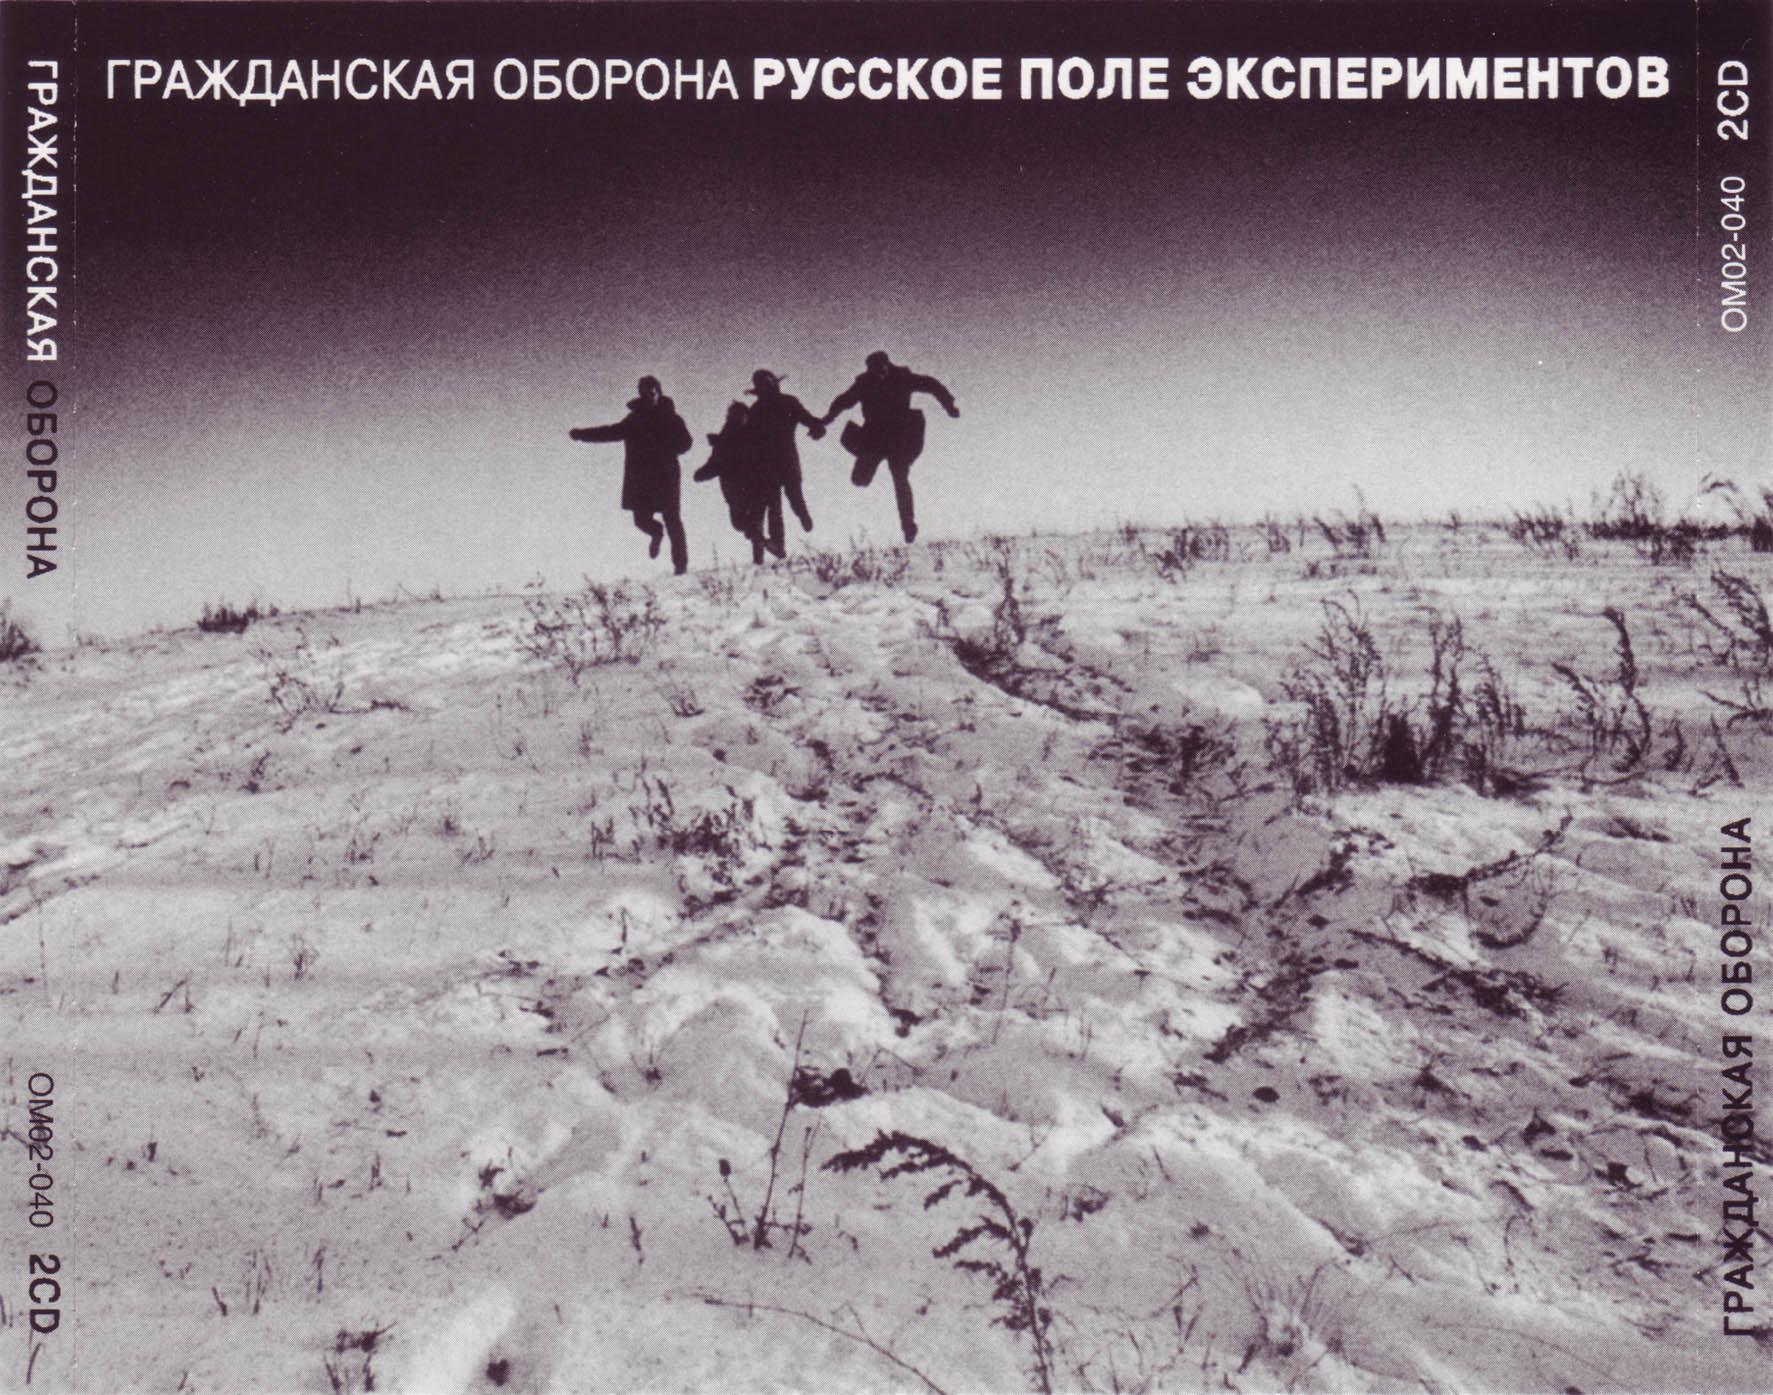 실험낭자한 러시아의 평원 - 1989